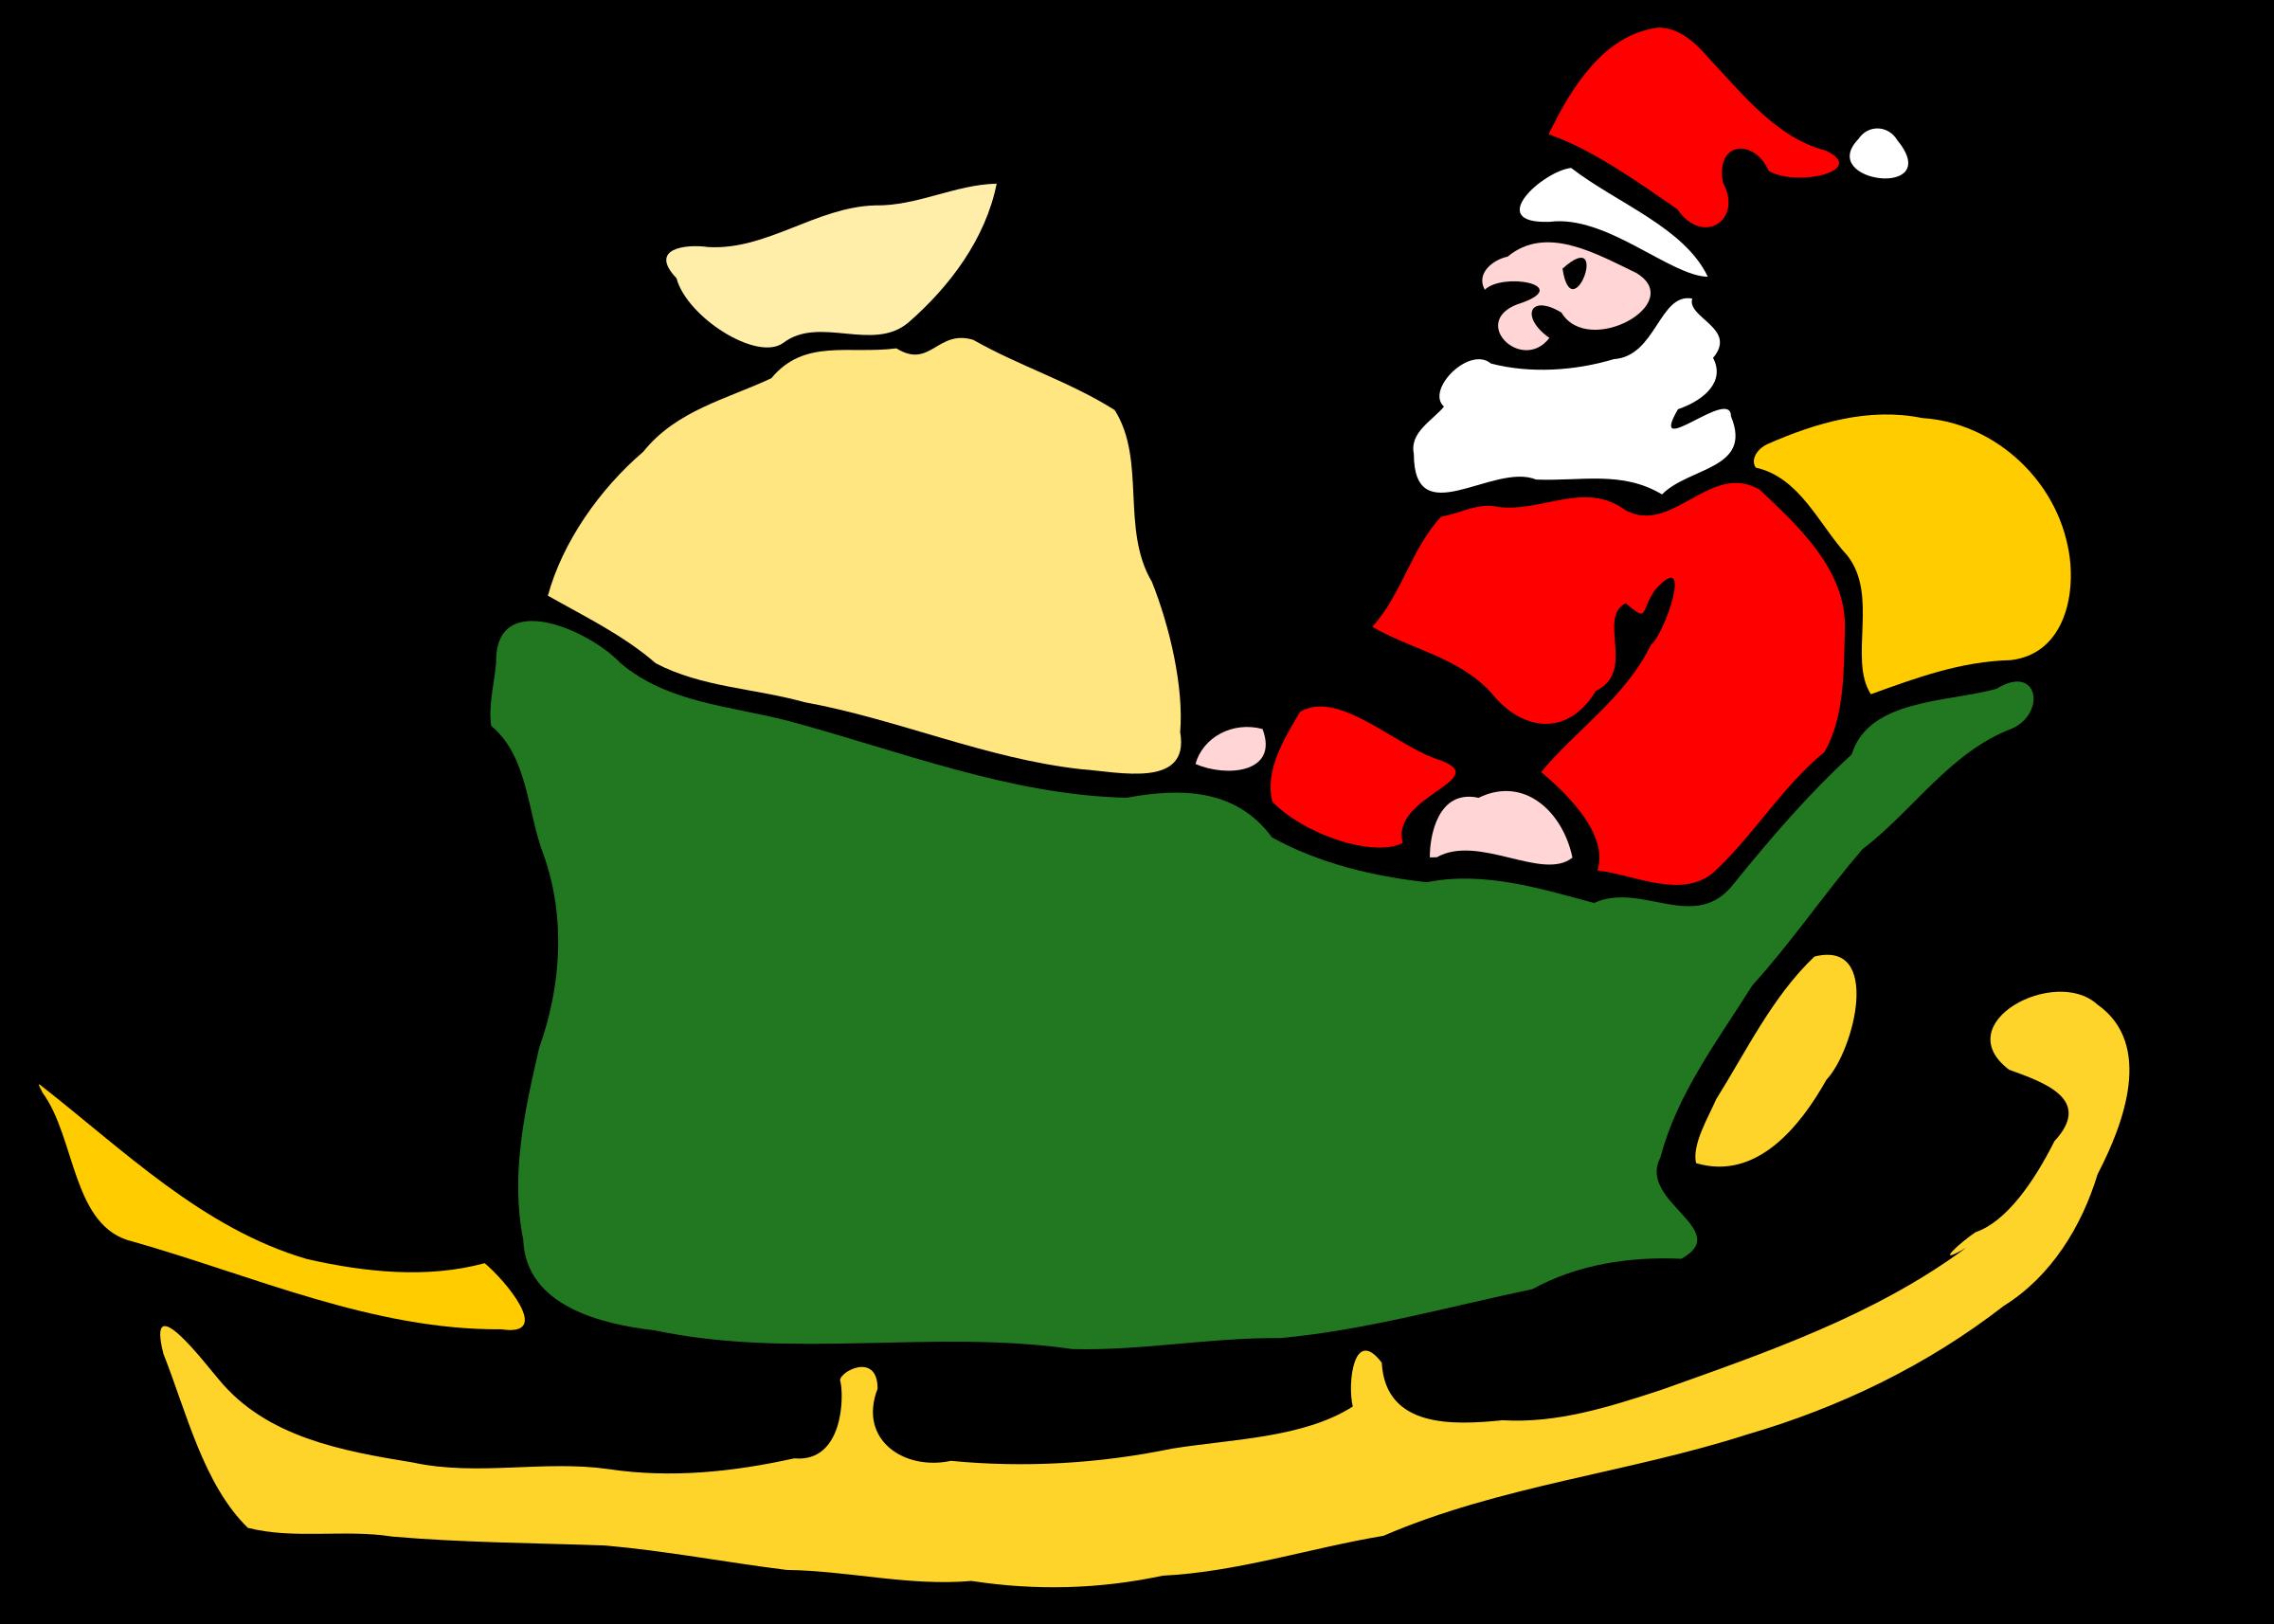 Sleigh clipart green. Santa in his big